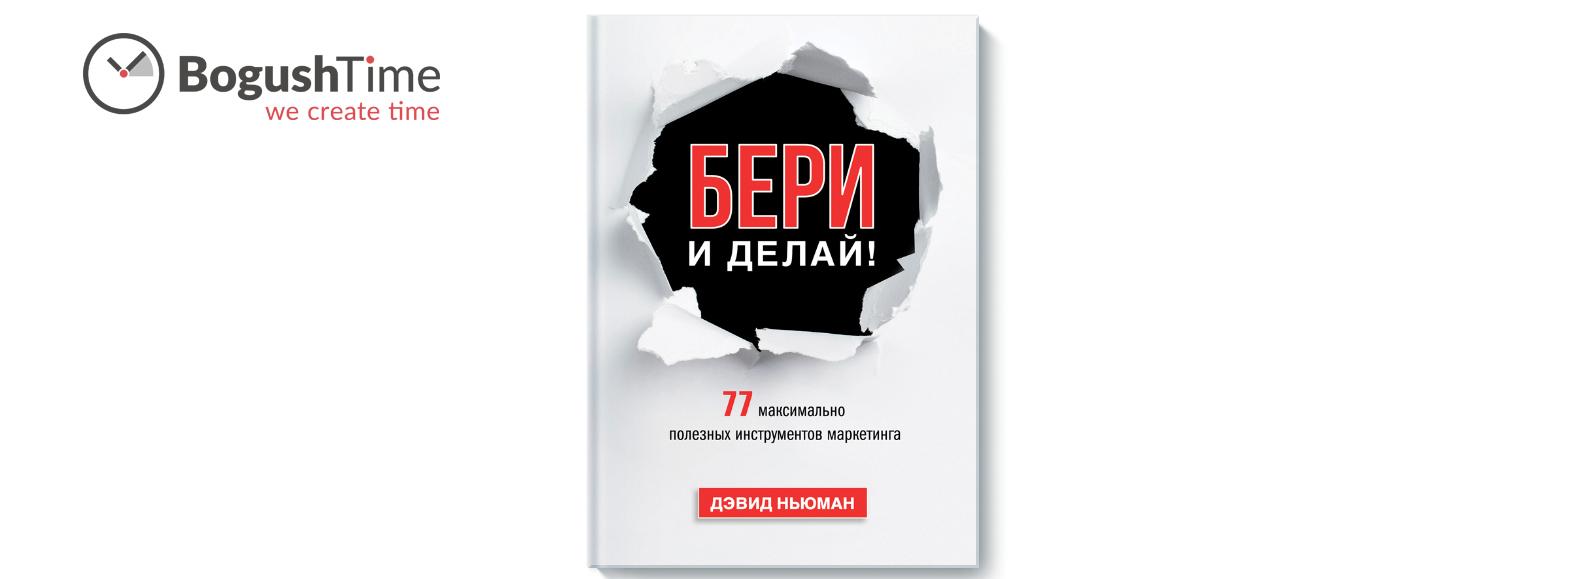 marketing_bez_lishnix_slov-big1.jpg